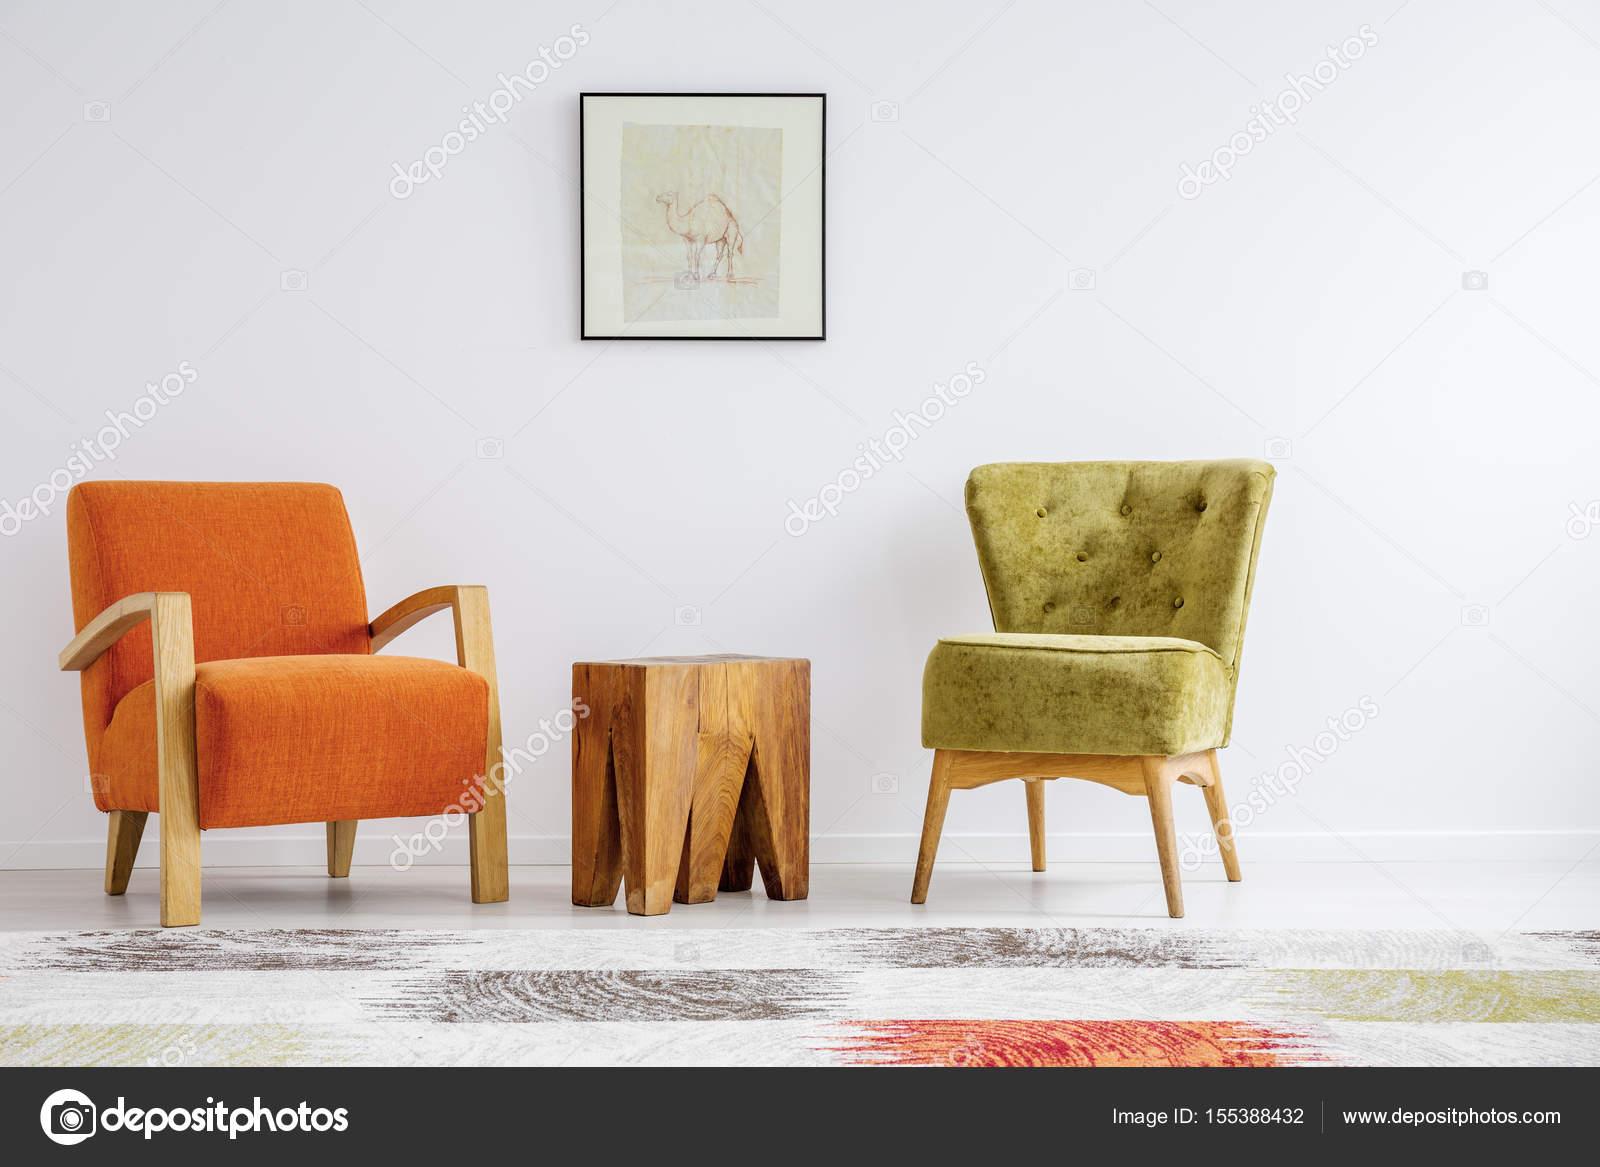 Minimalistische retro stilisierung u stockfoto photographee